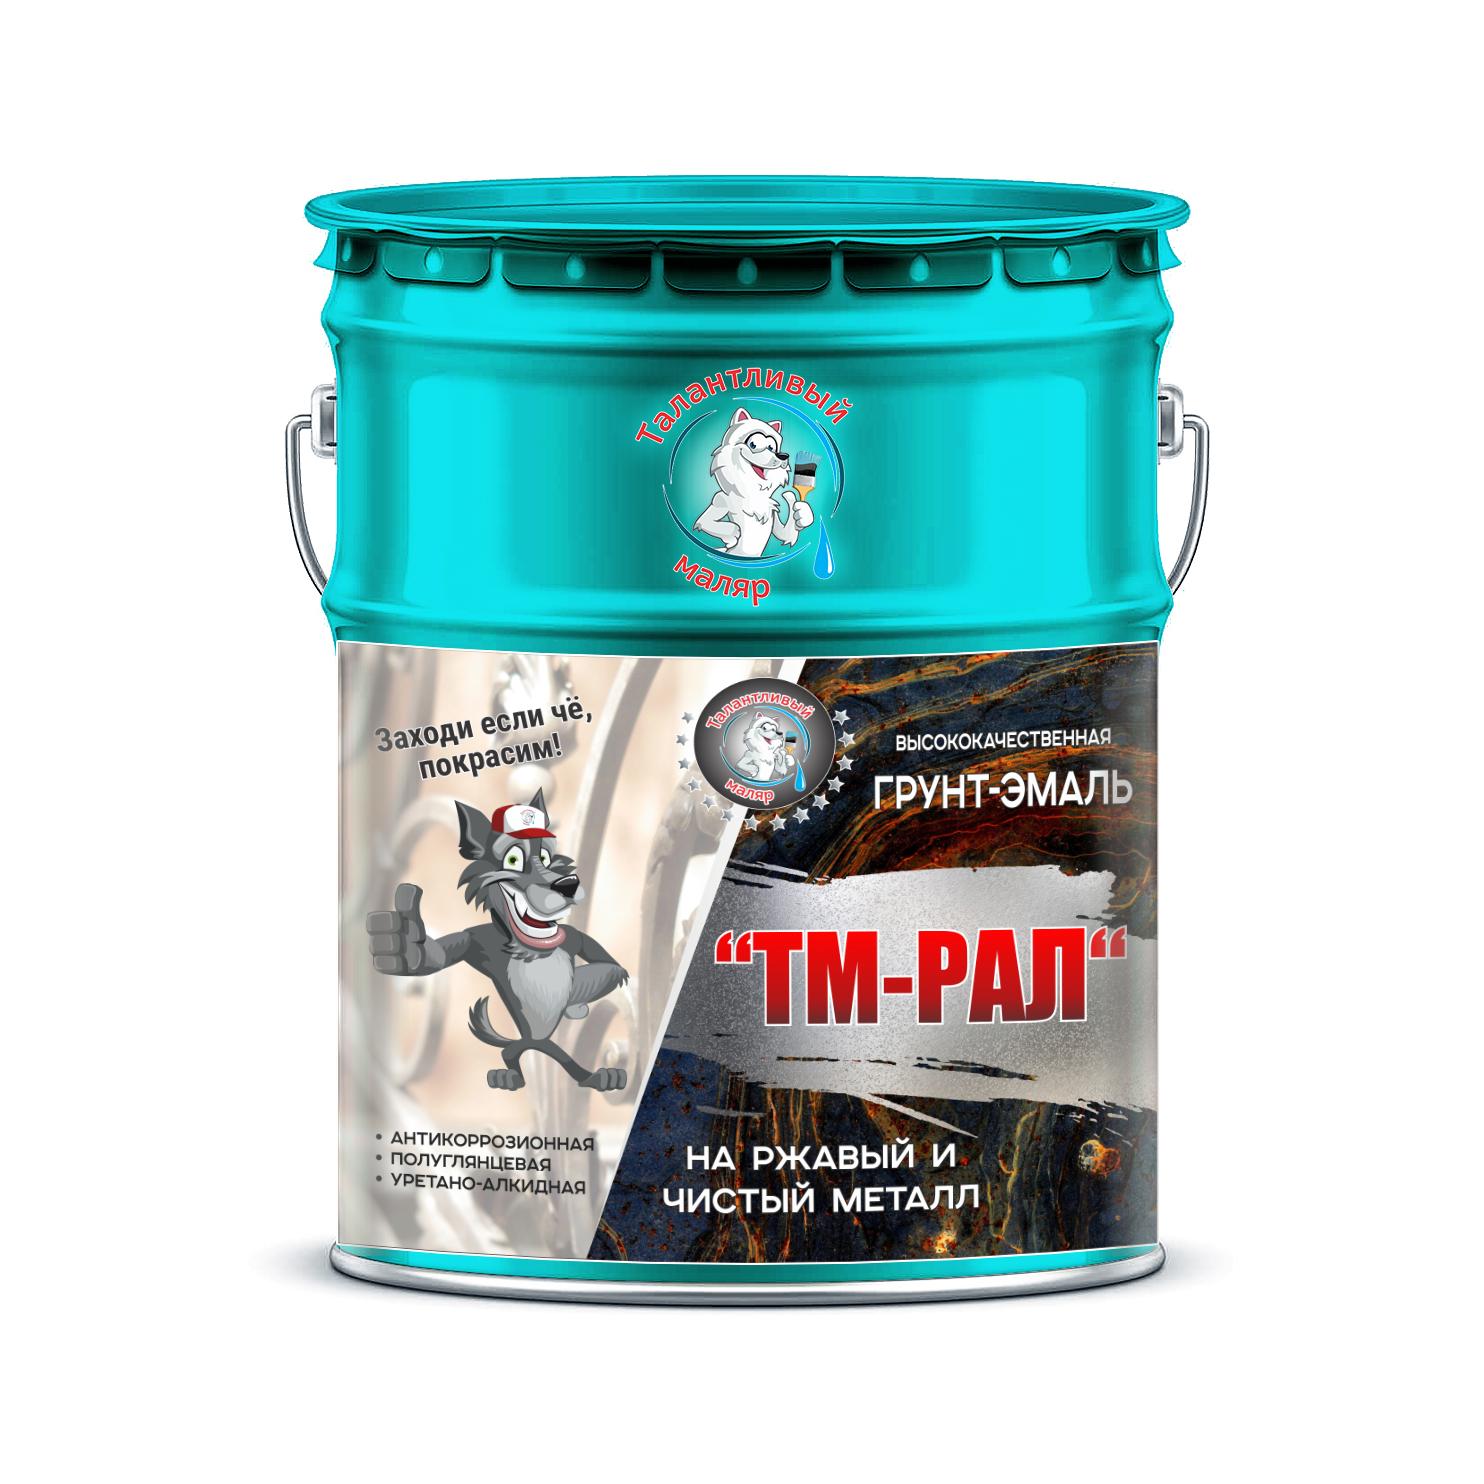 """Фото 16 - TM5021 Грунт-Эмаль """"ТМ РАЛ"""" уретано-алкидная 3 в 1 цвет RAL 5021 Водянисто-синий, антикоррозионная,  полуглянцевая для черных металлов, 20 кг """"Талантливый маляр""""."""